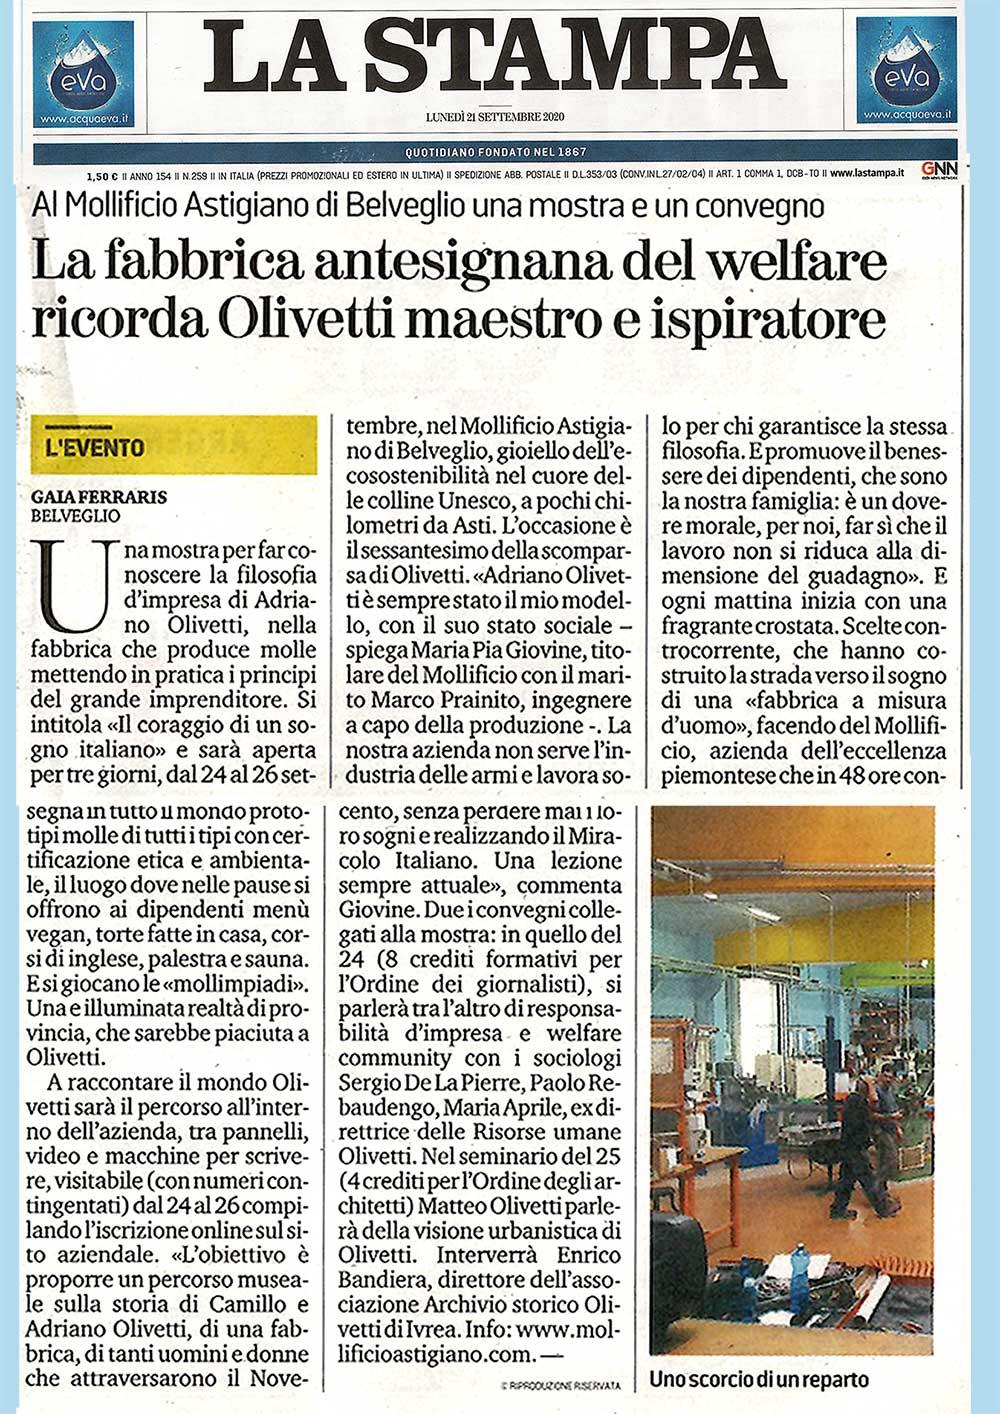 Olivetti-ispiratore-Mollificio-astigiano-la-stampa-belveglio